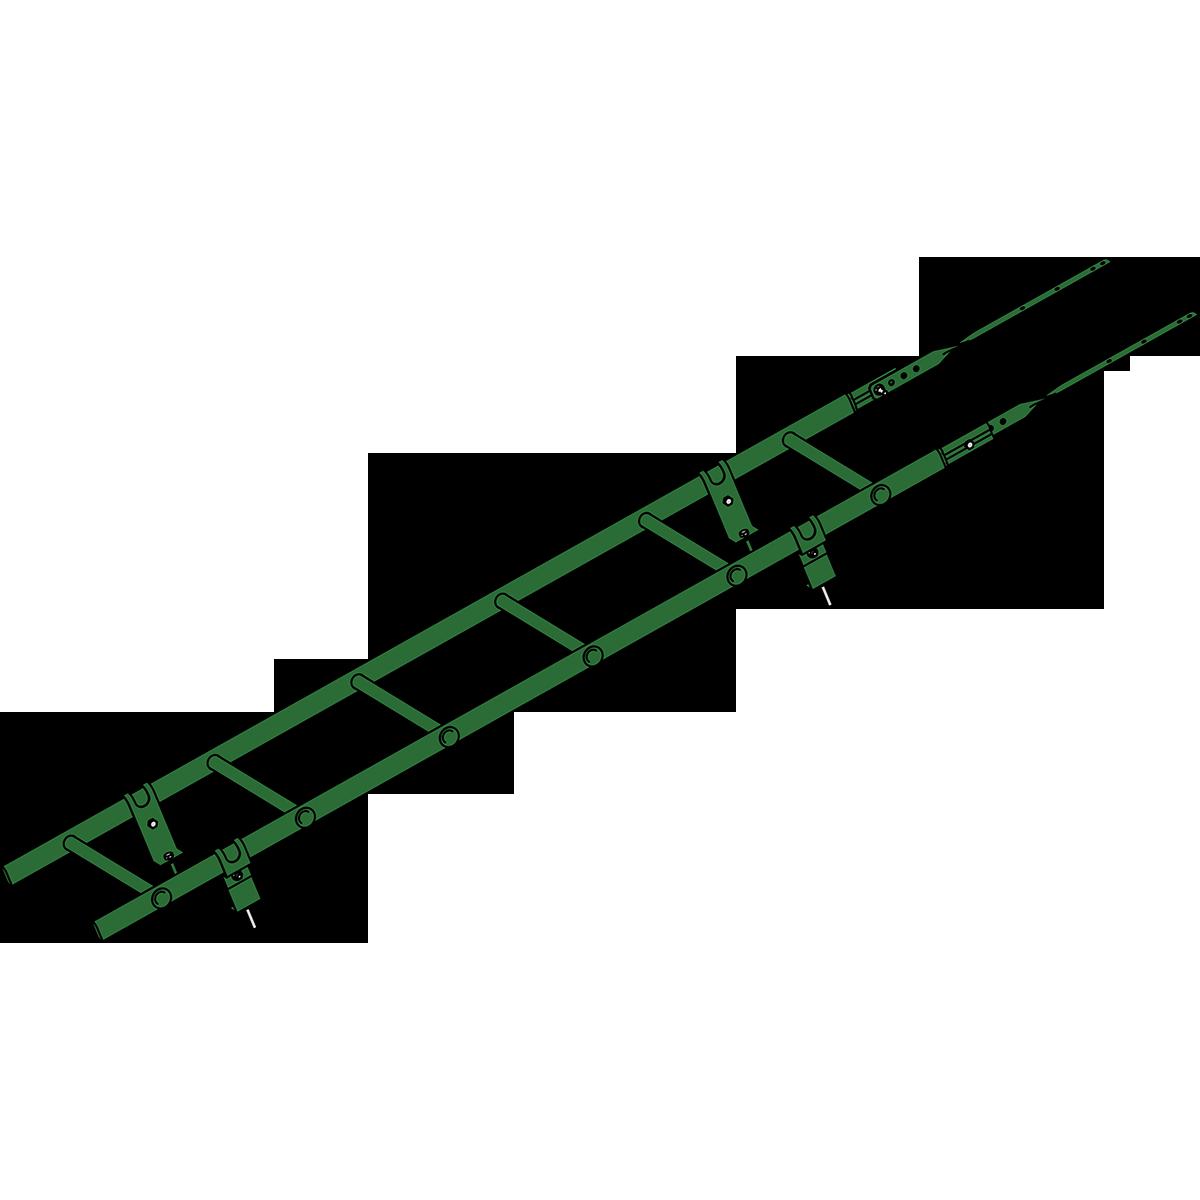 Лестница кровельная ROOFSYSTEMS PRESTIGE ZN 45х25 (овал) 400 унивеpсальная 1,2 м RAL 6002 Зеленый лист